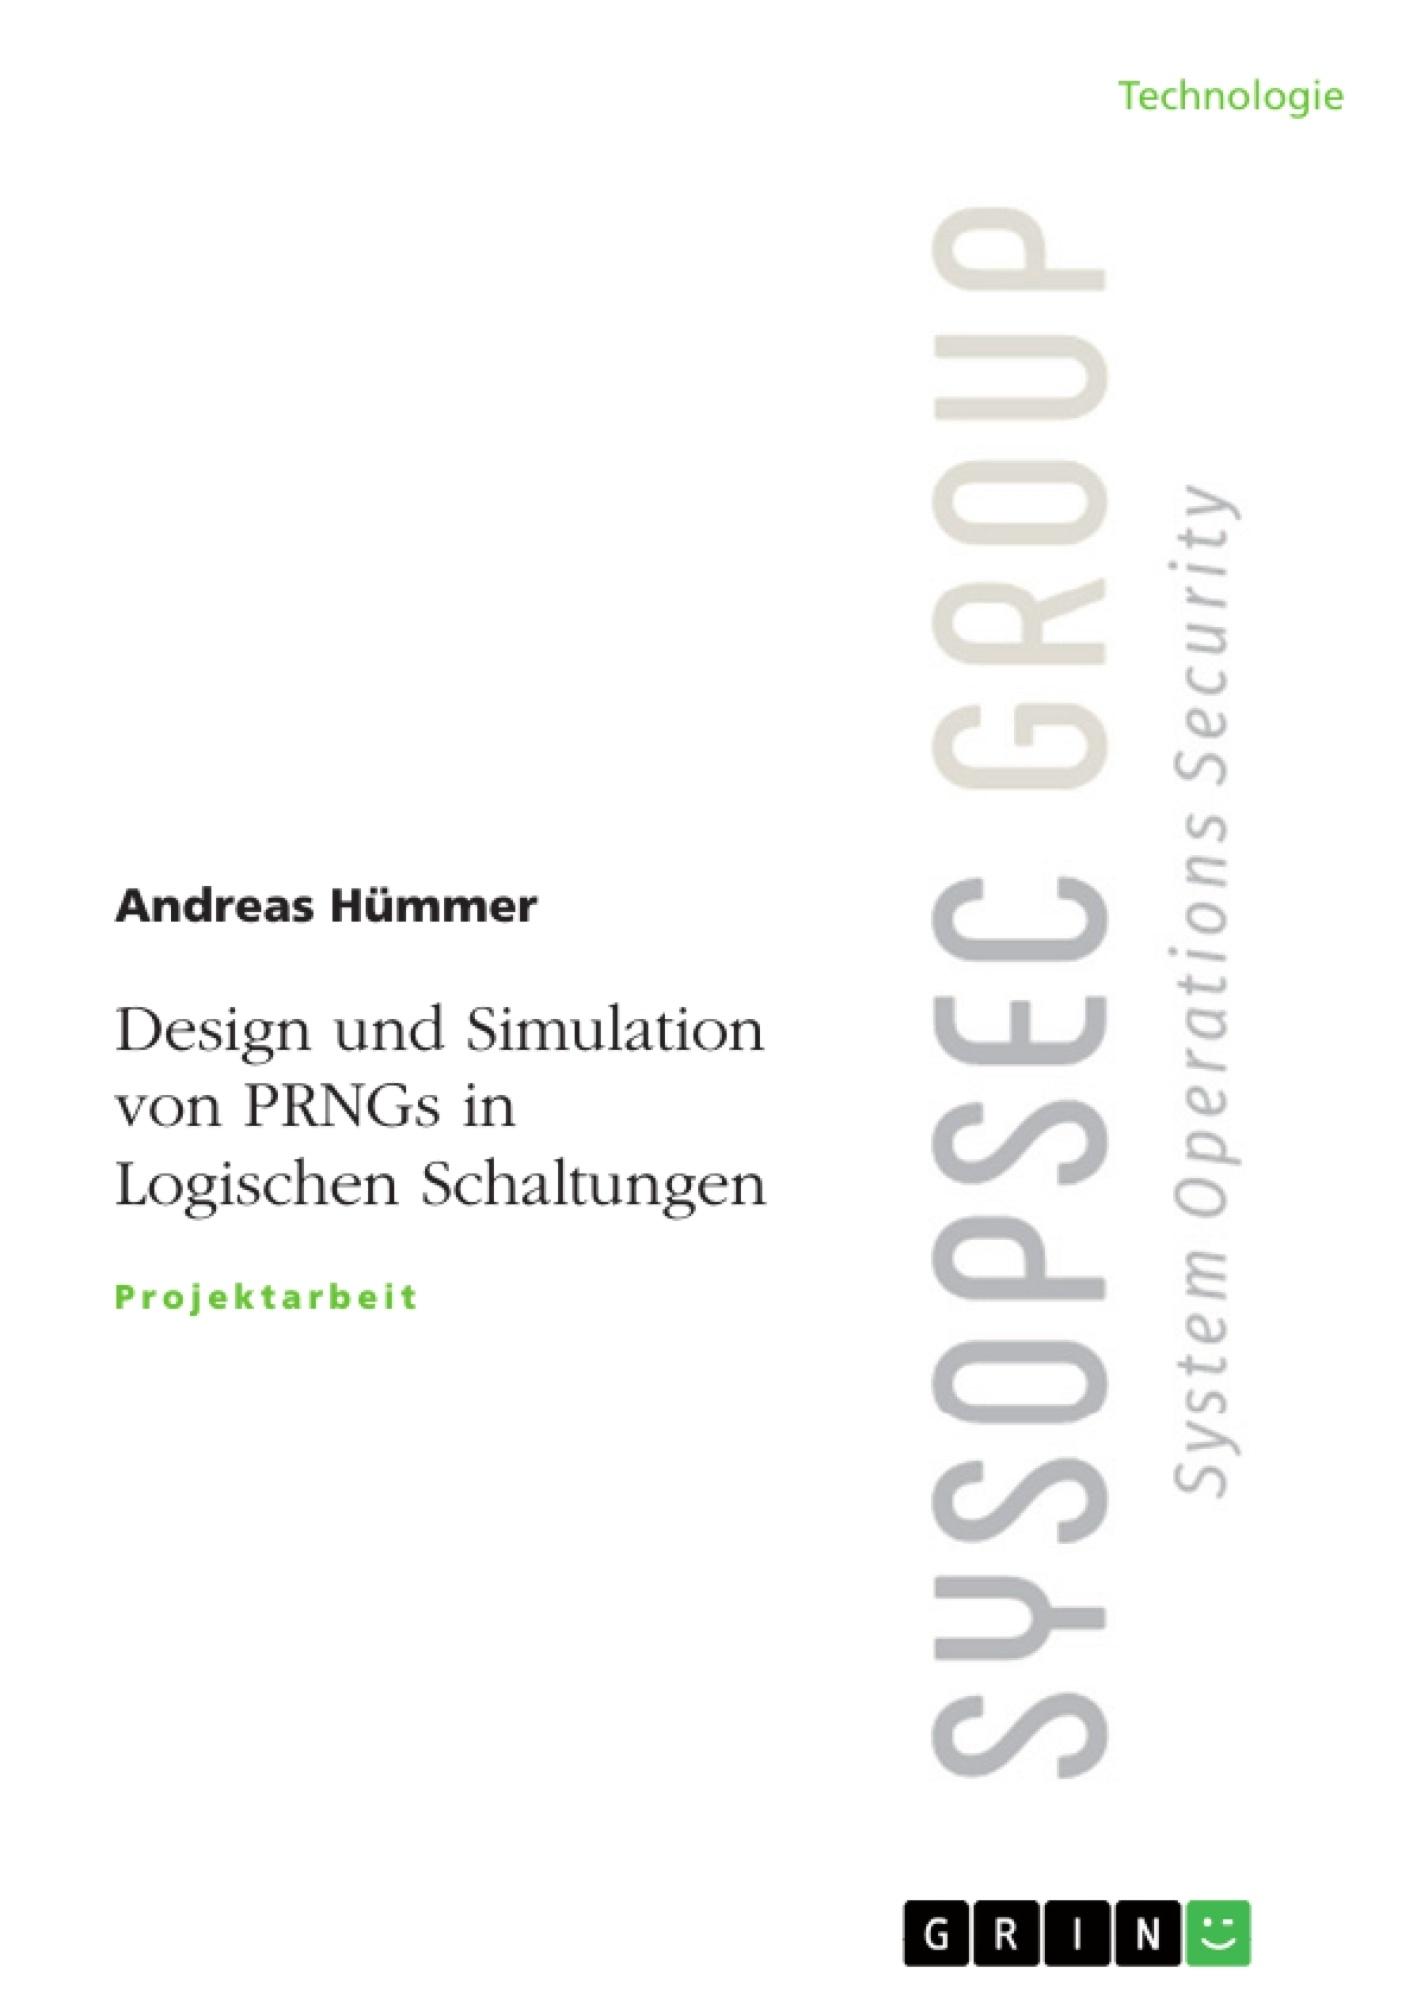 Titel: Design und Simulation von PRNGs in Logischen Schaltungen